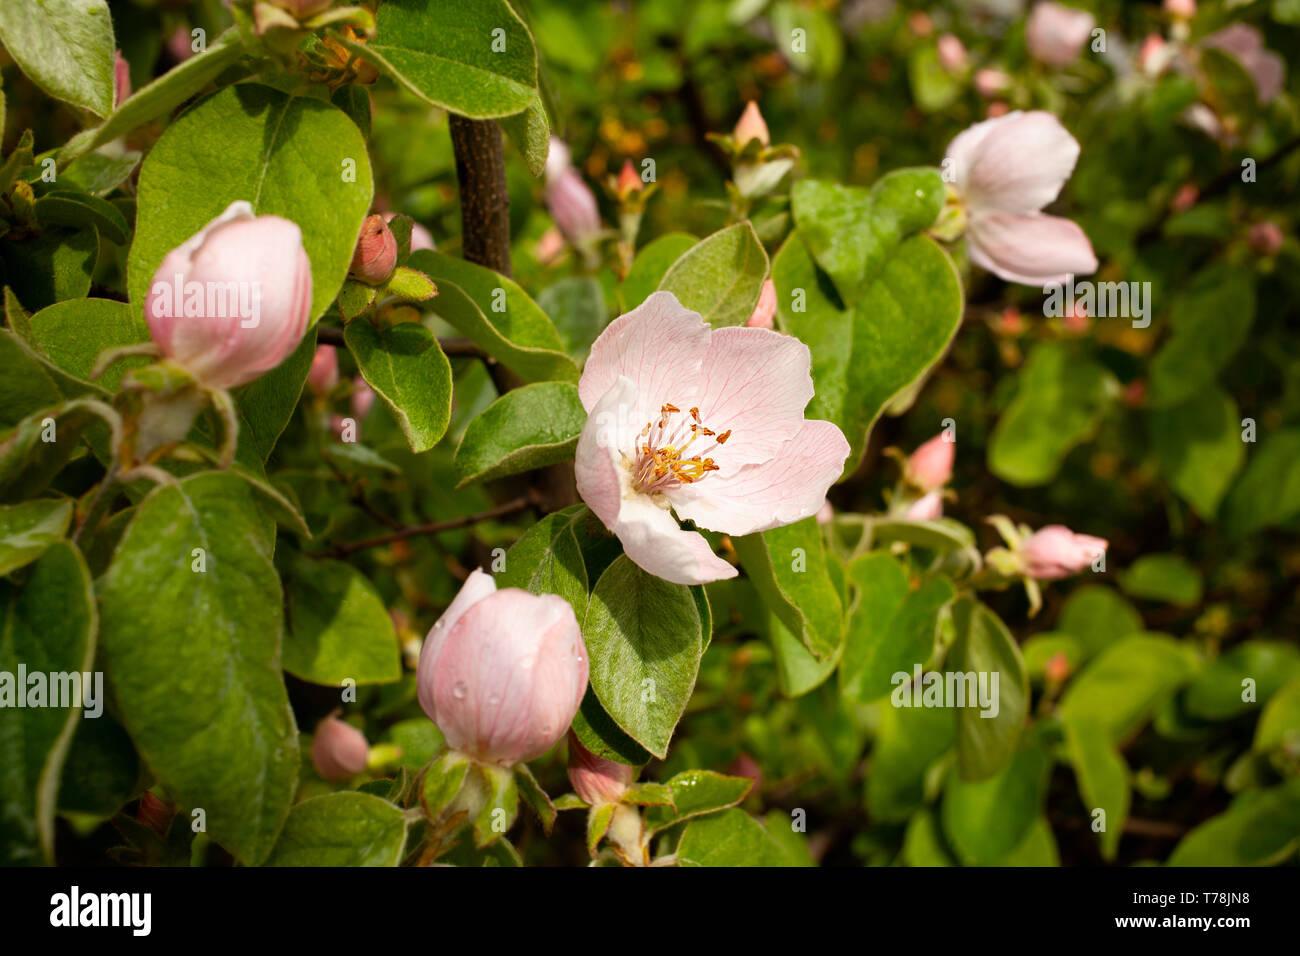 Quitte tree blossom Stockbild